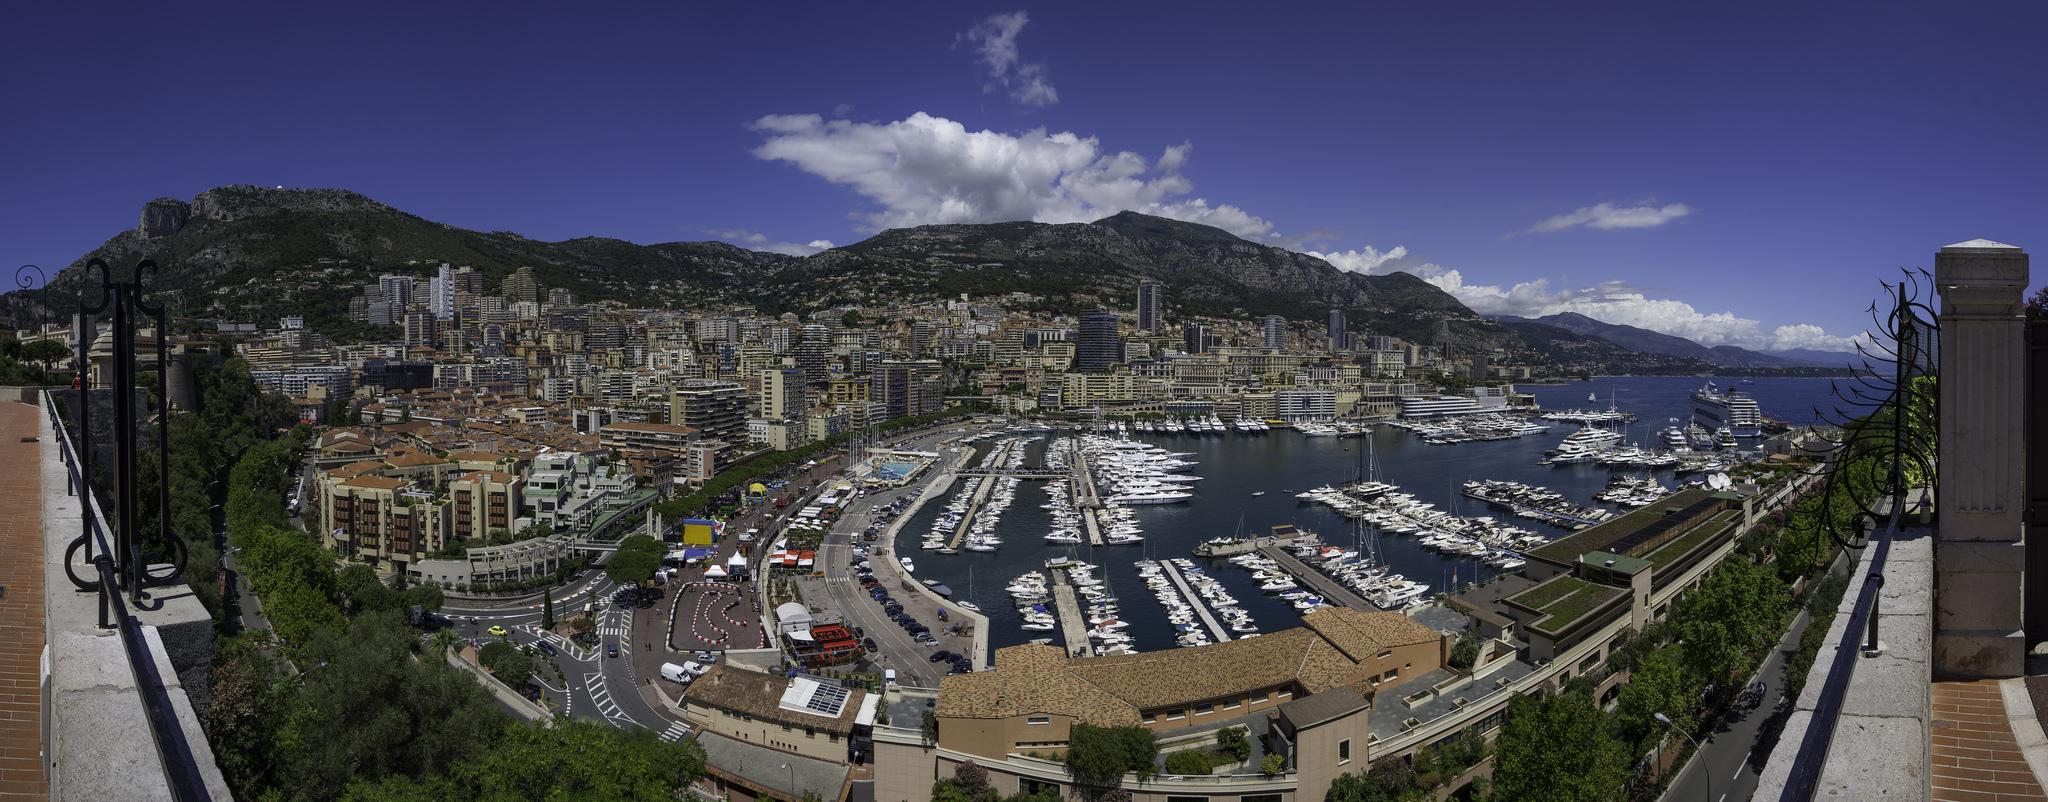 Monako je druhým nejlidnatějším státem na světě, Kurt Bauschardt Kurt Bauschardt